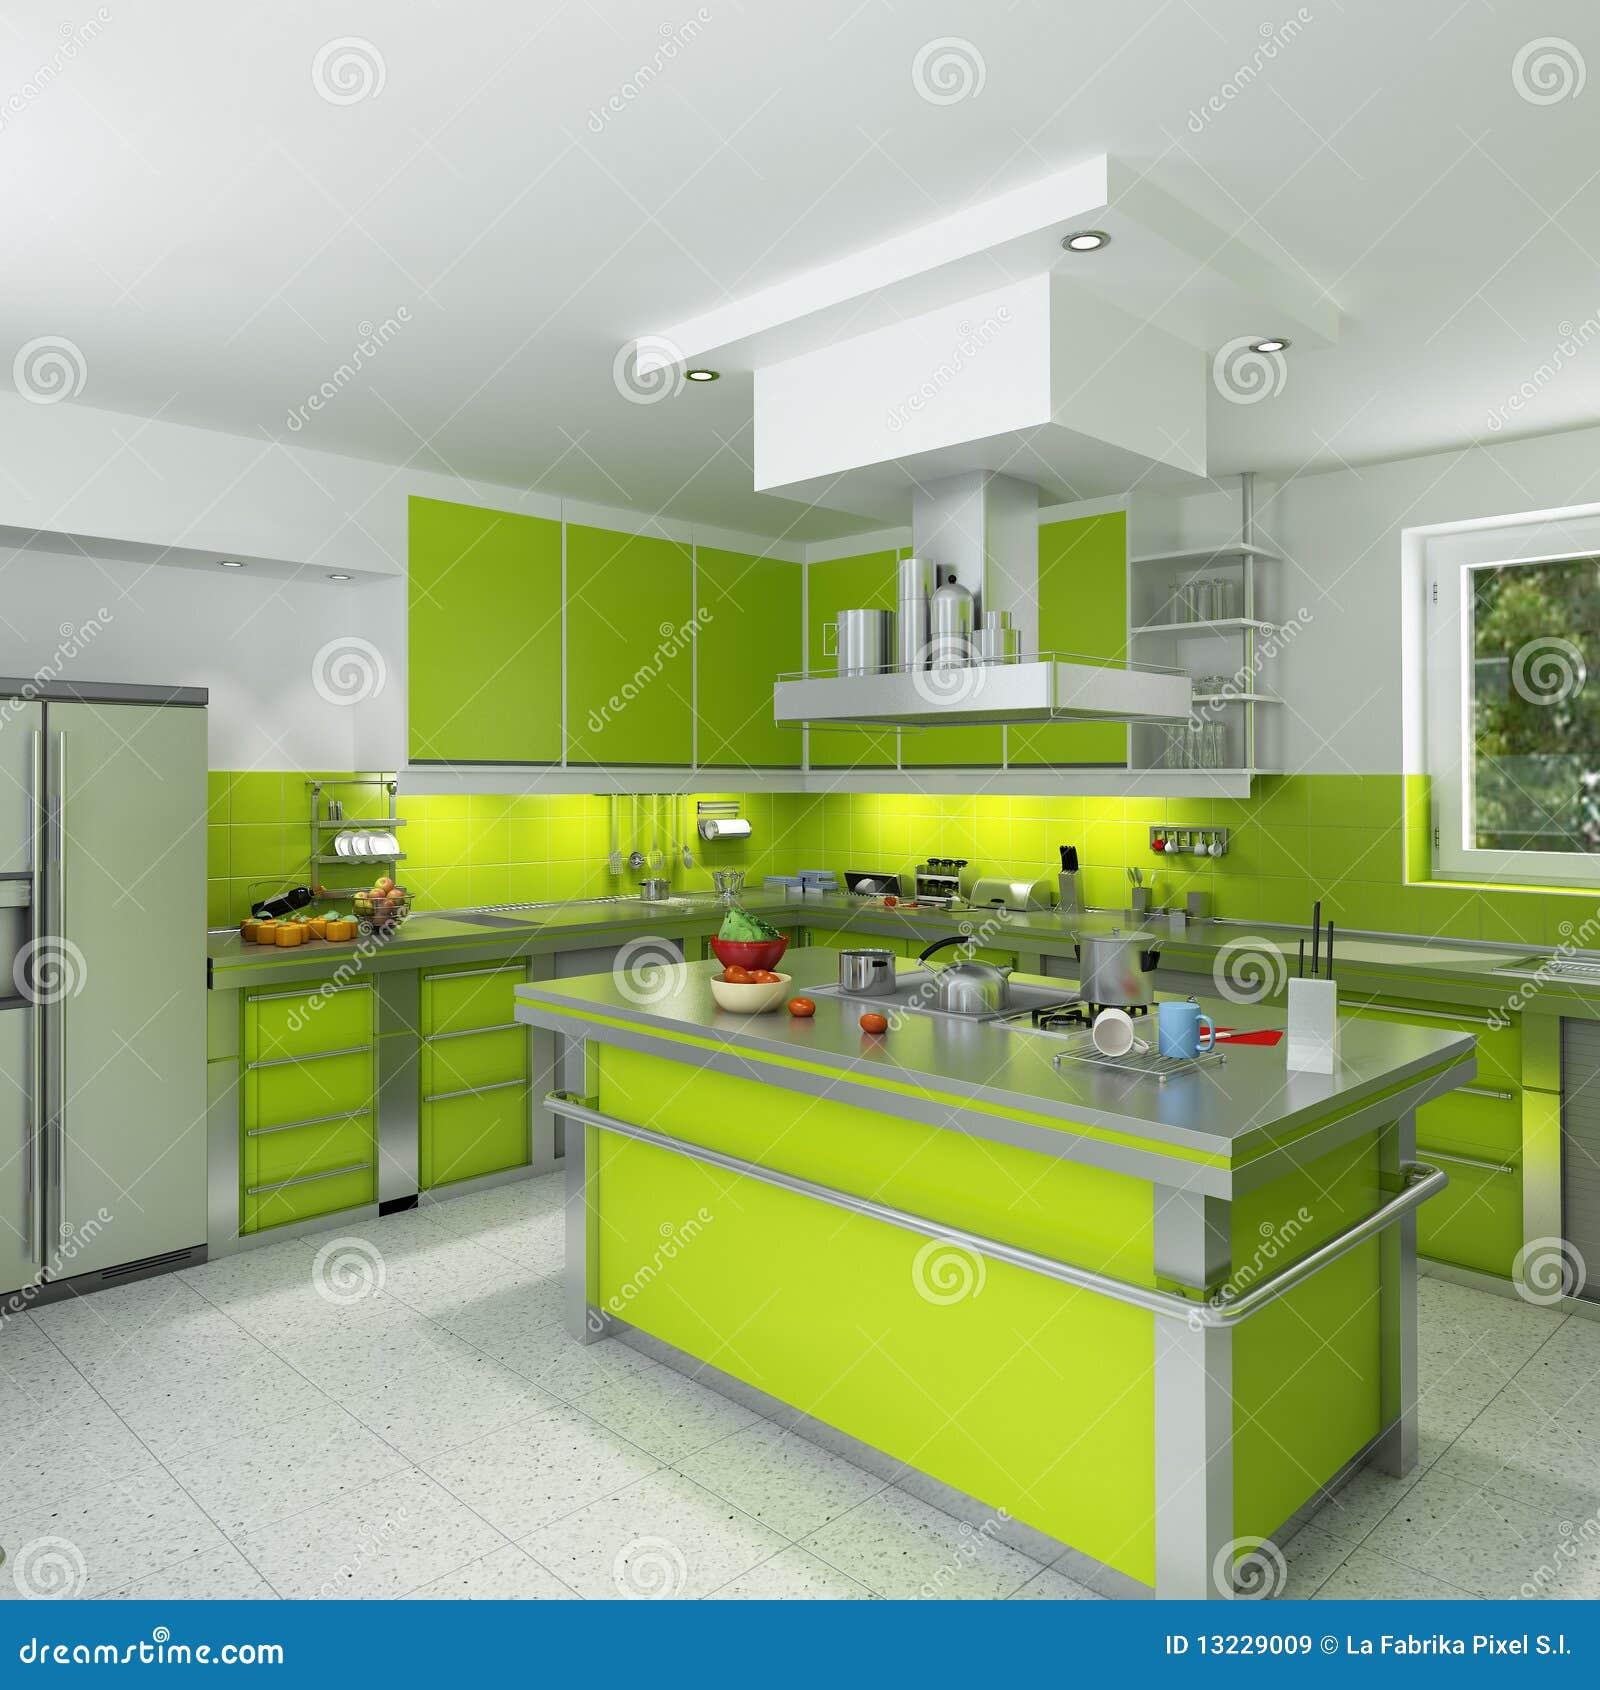 moderne gr ne k che lizenzfreie stockbilder bild 13229009. Black Bedroom Furniture Sets. Home Design Ideas